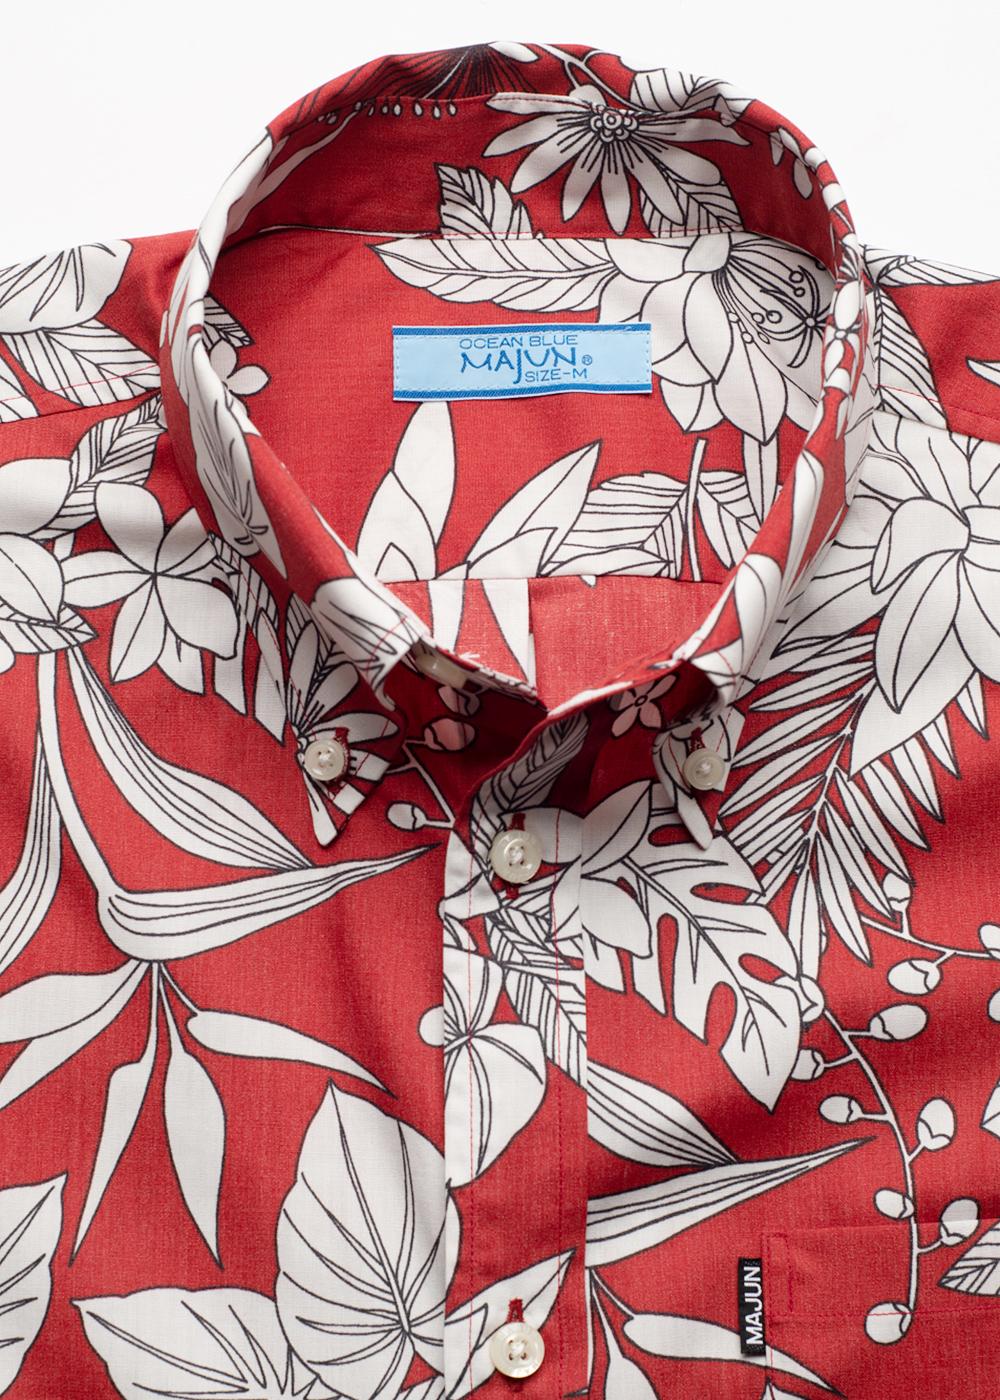 かりゆしウェア(沖縄版アロハシャツ) MAJUN - トロピカルブレンド